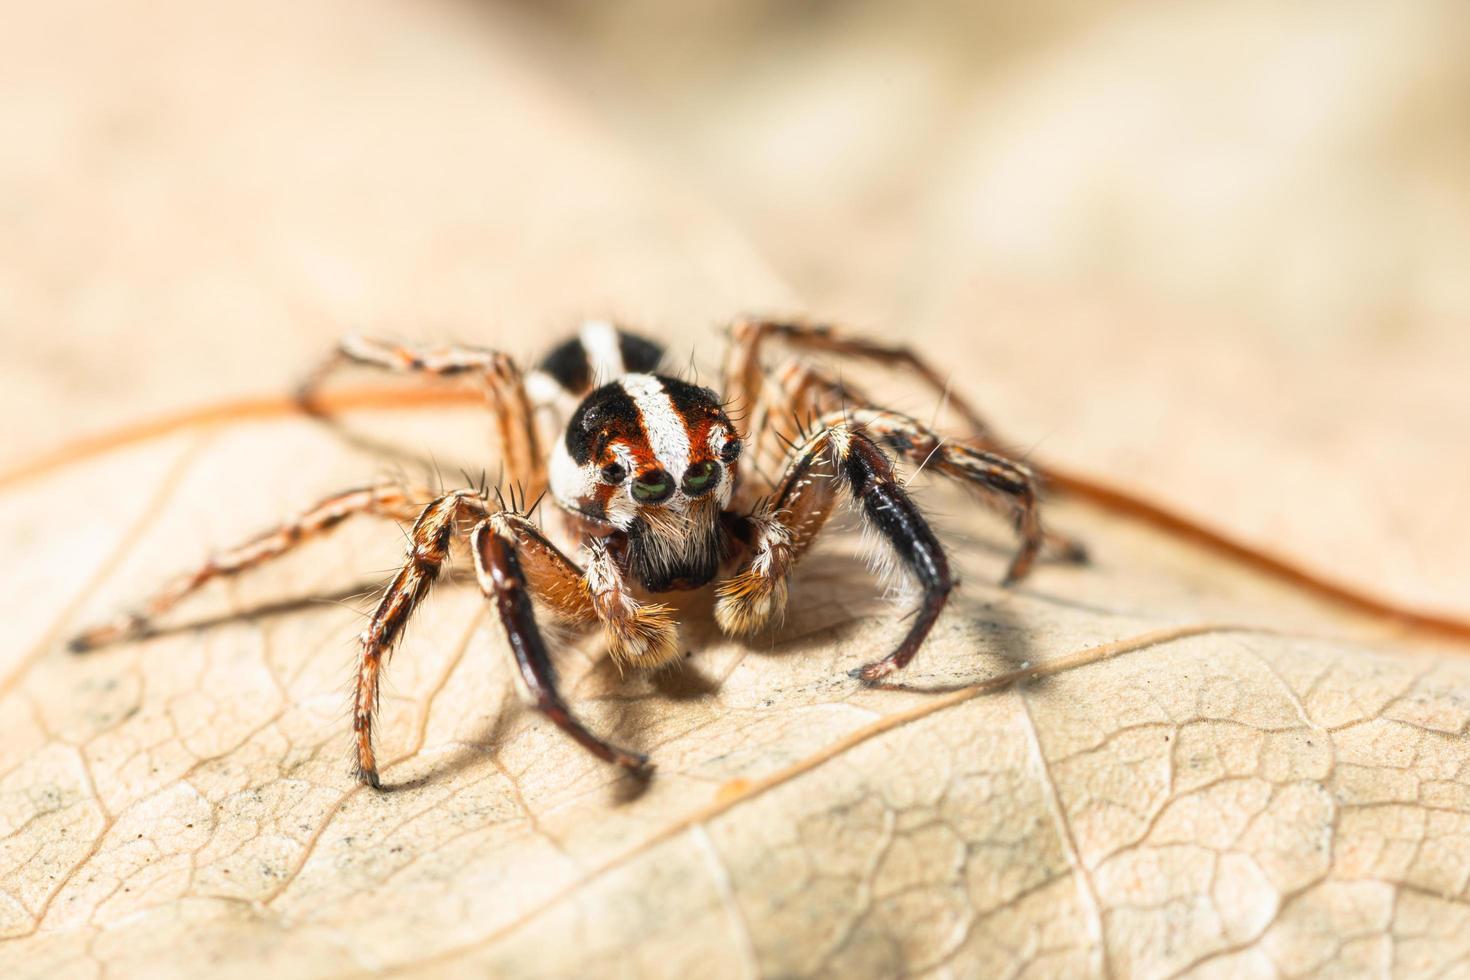 ragno saltatore marrone su una foglia secca foto